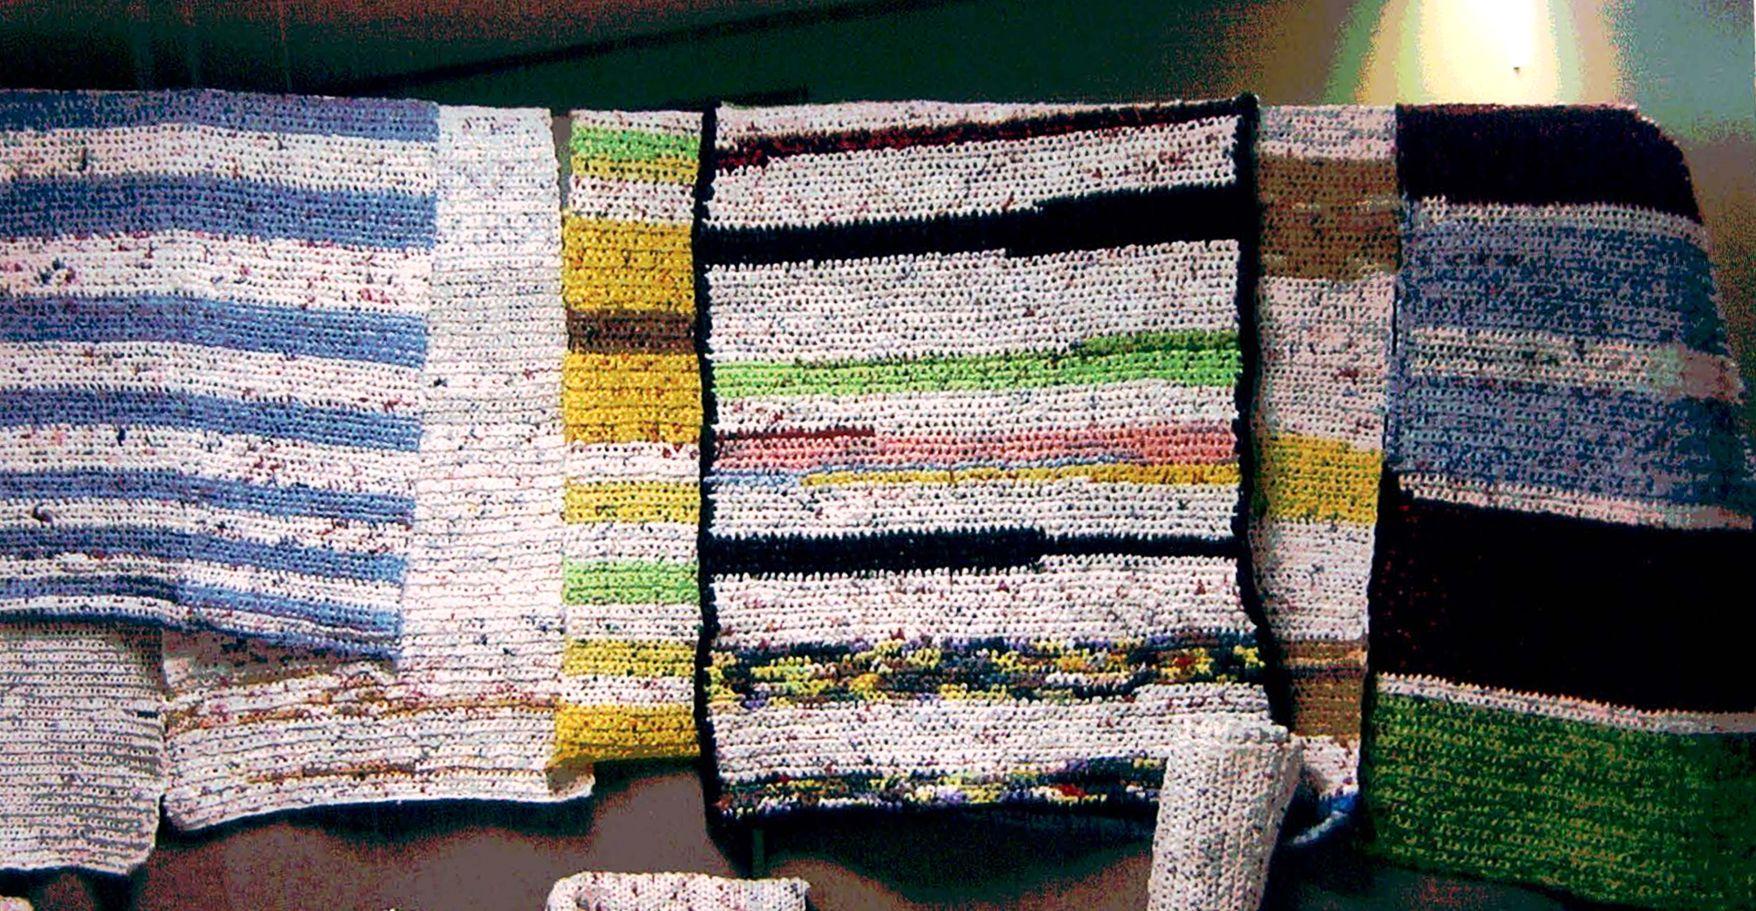 Diy Crochet Plastic Bags Into Sleeping Mats For The Homeless 1 Million Women Plastic Bag Crochet Diy Crochet Plastic Bags Plastic Grocery Bags